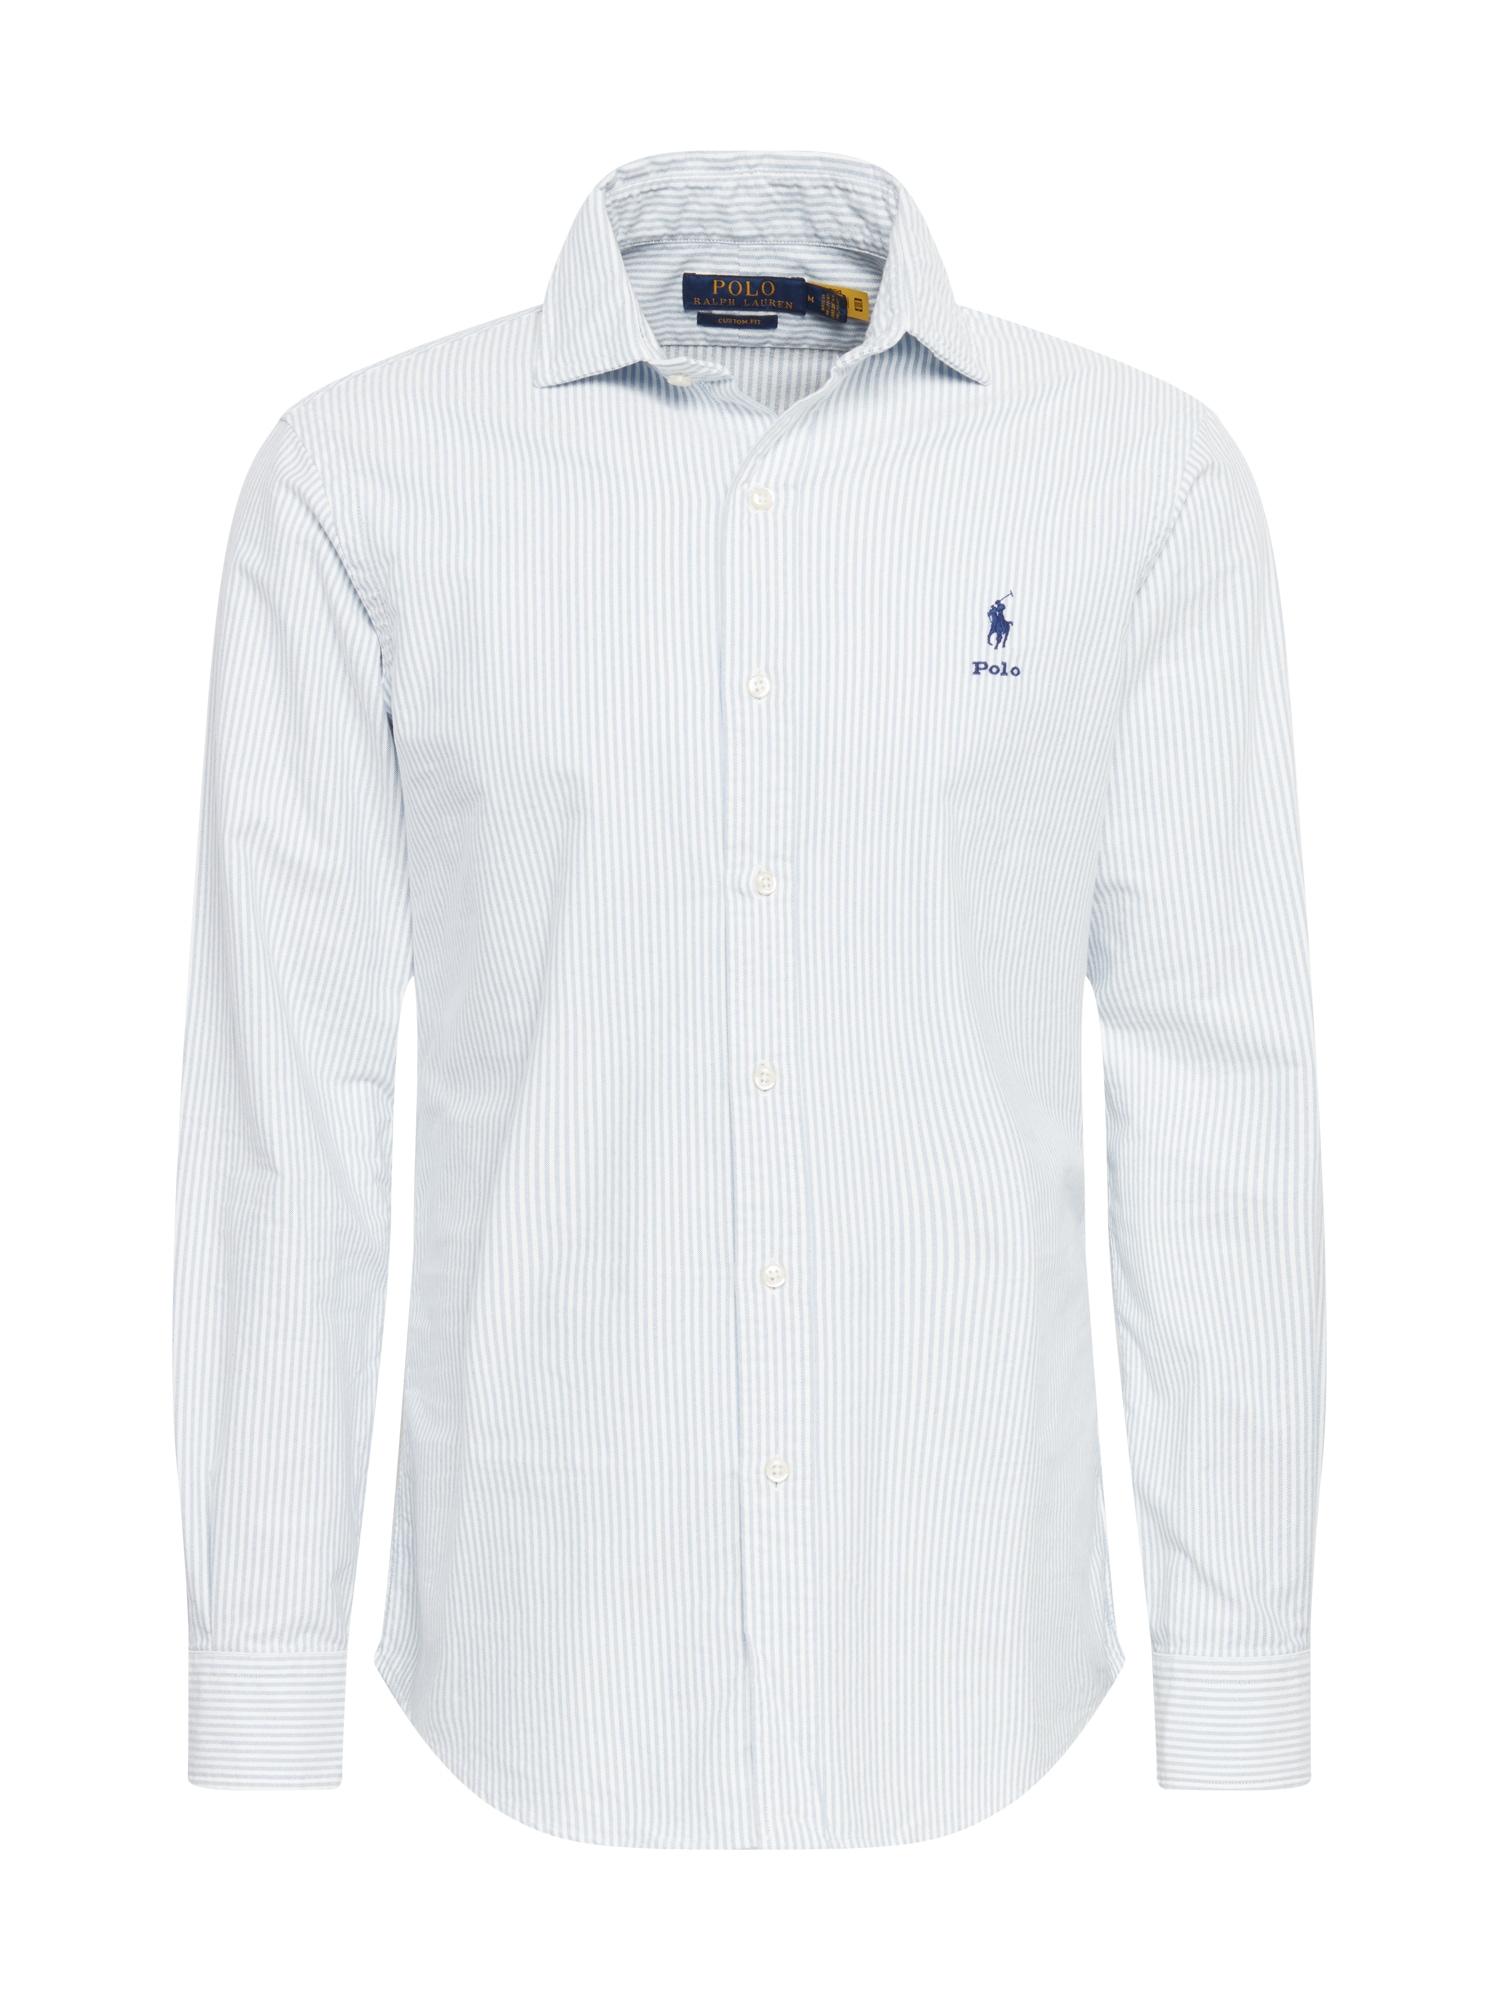 POLO RALPH LAUREN Marškiniai balta / mėlyna